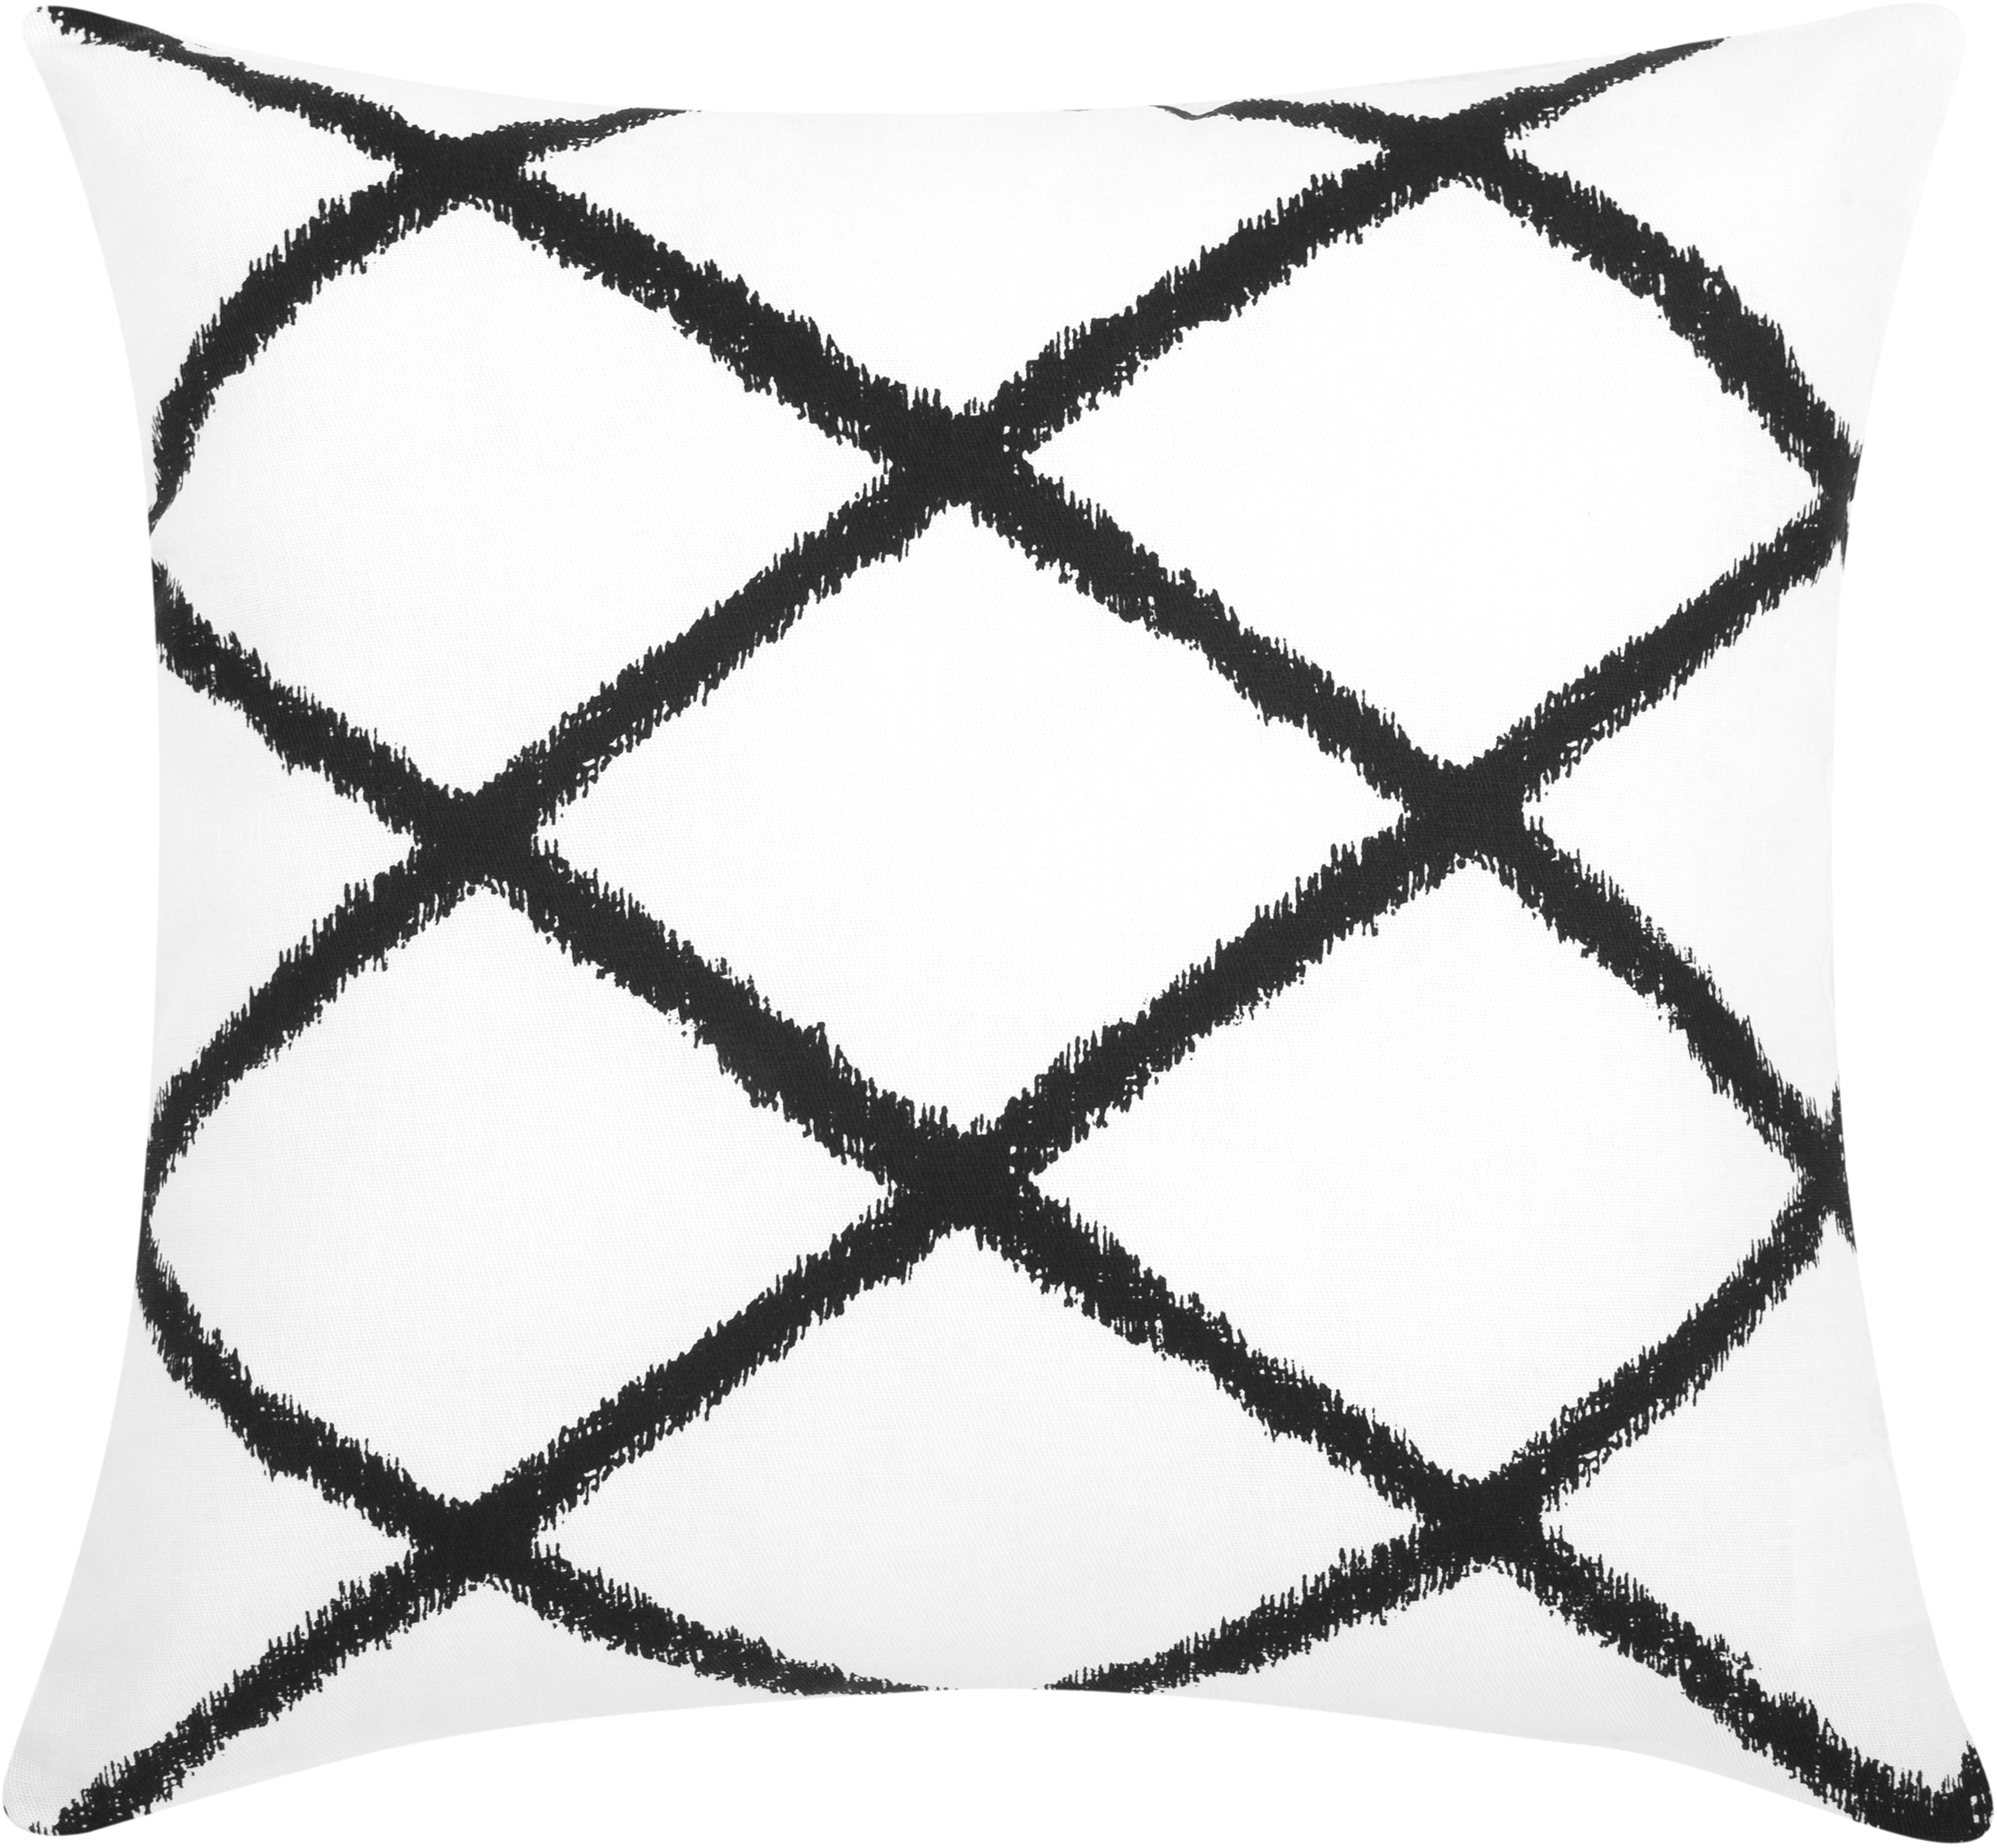 Kissenhülle Laila mit Rautenmuster, 100% Baumwolle, Weiss, Schwarz, 45 x 45 cm